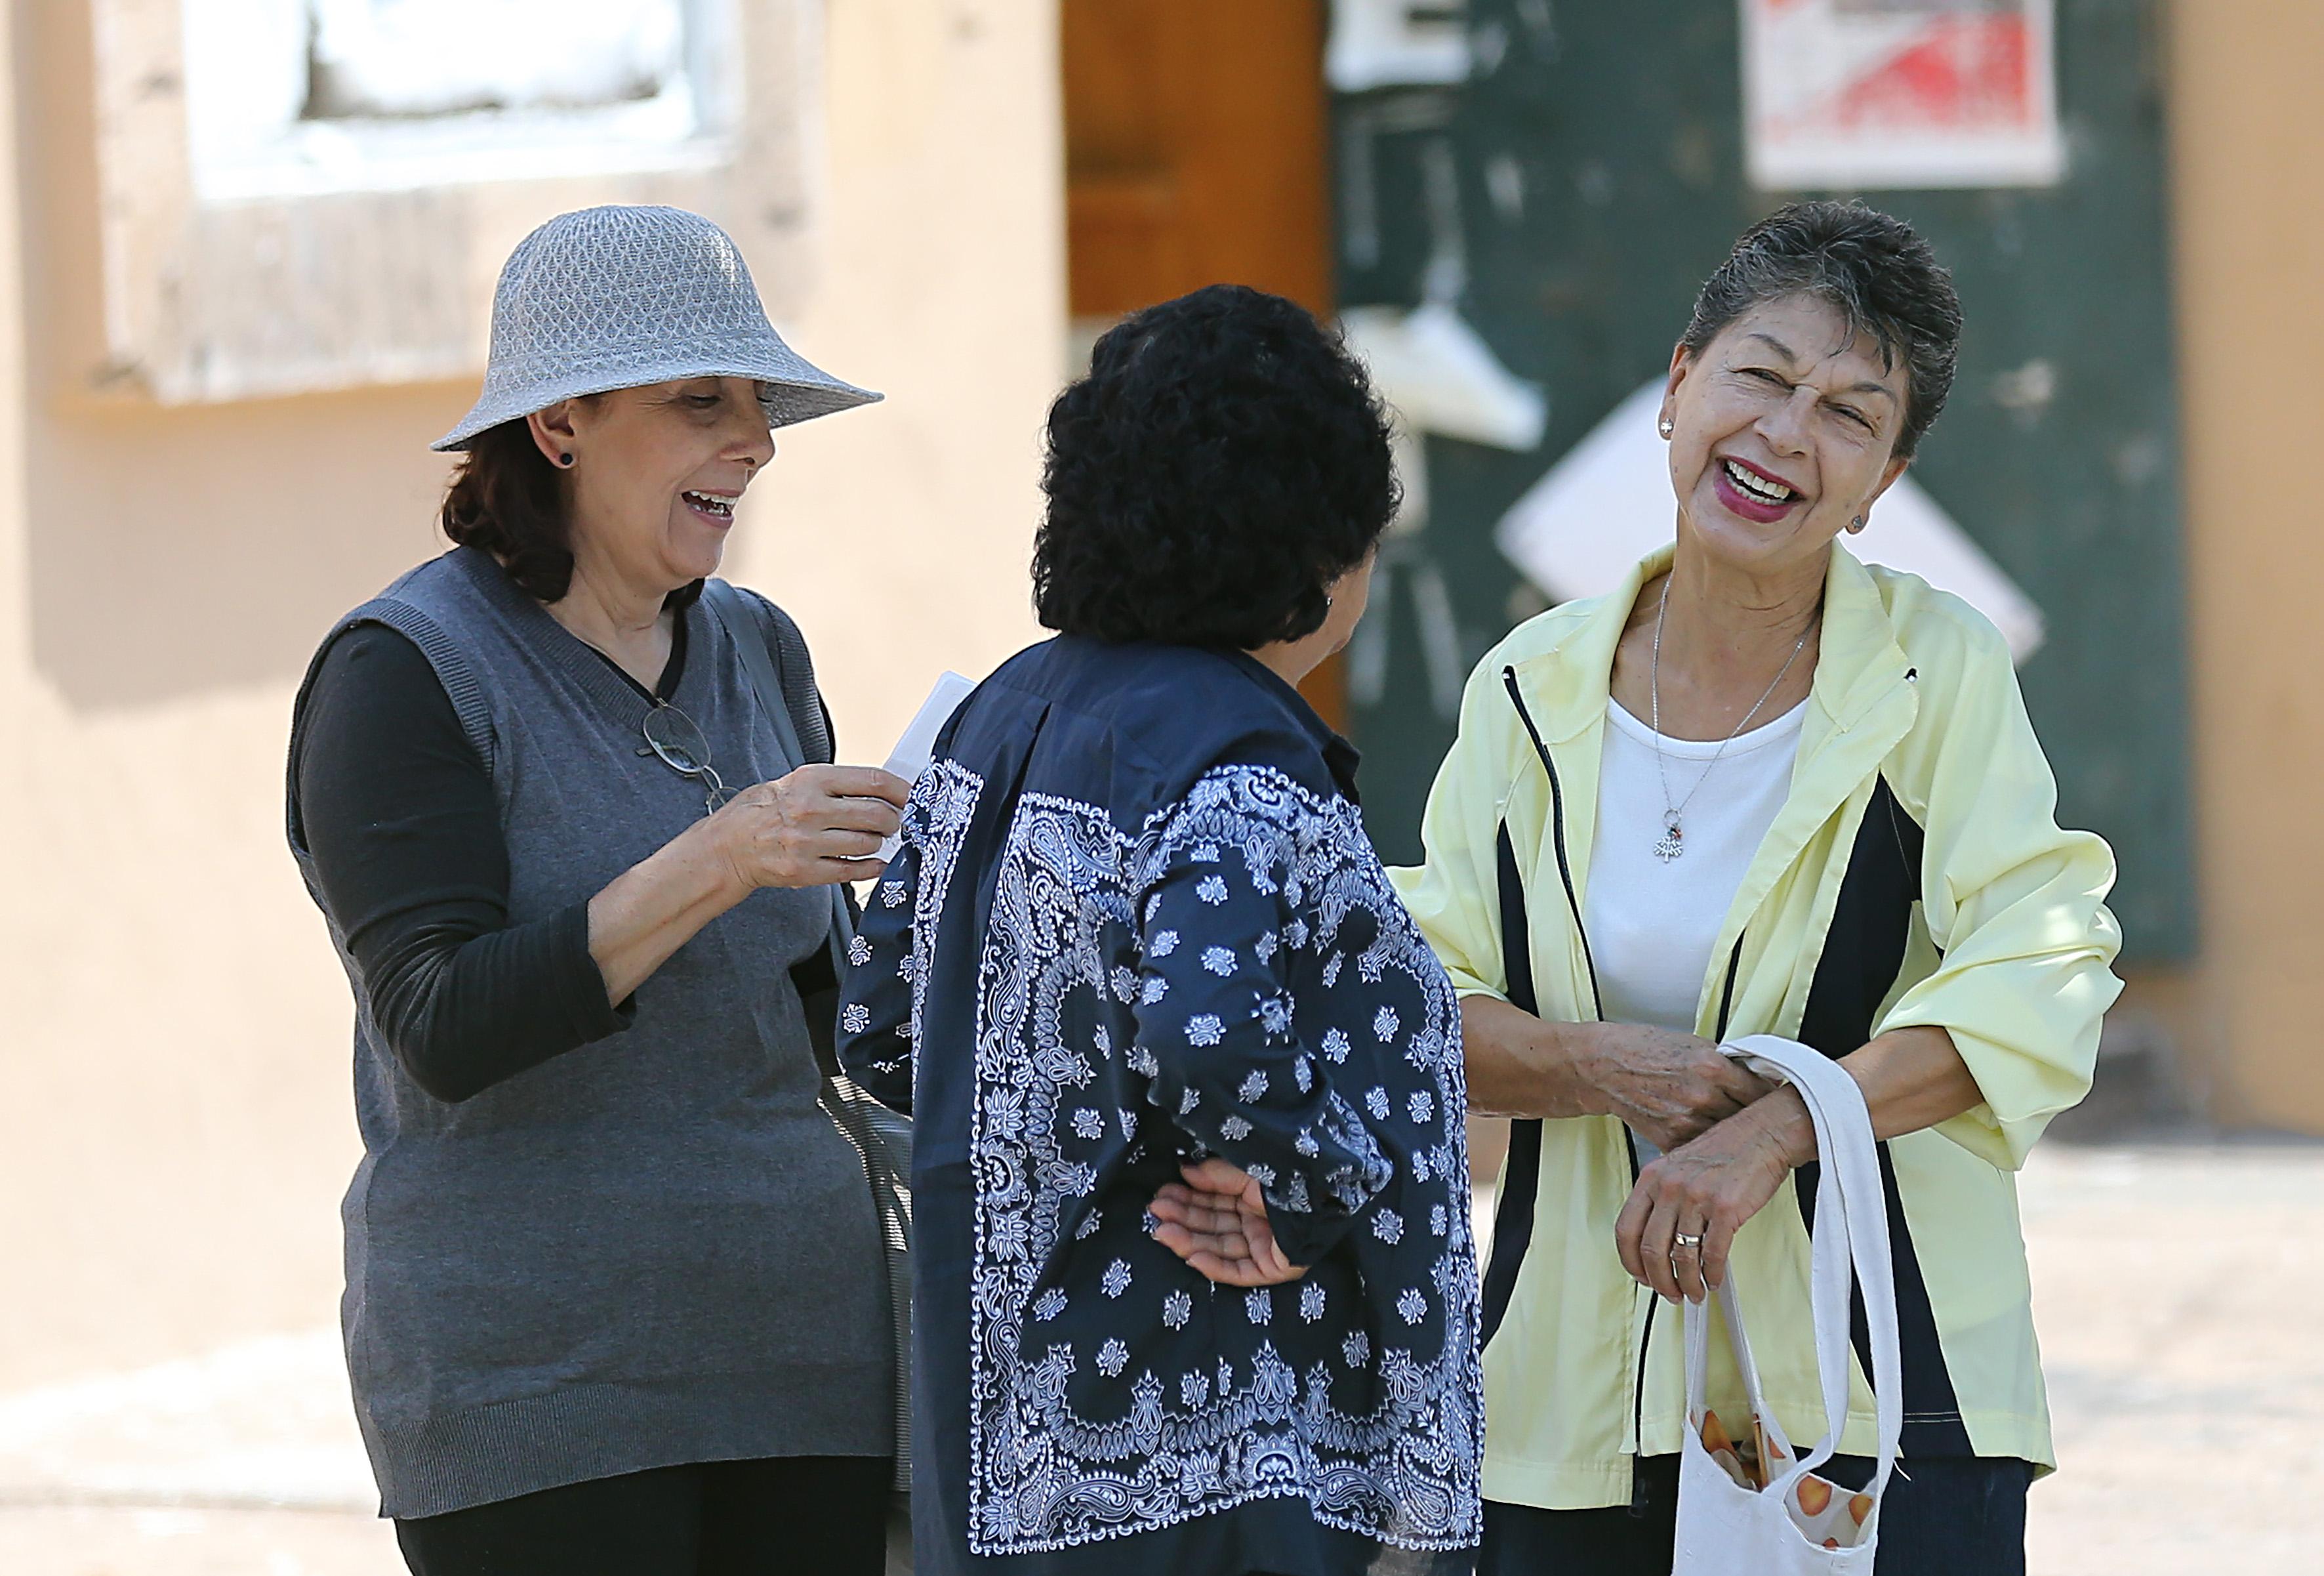 Personas de la tercera edad conversando y sonriendo